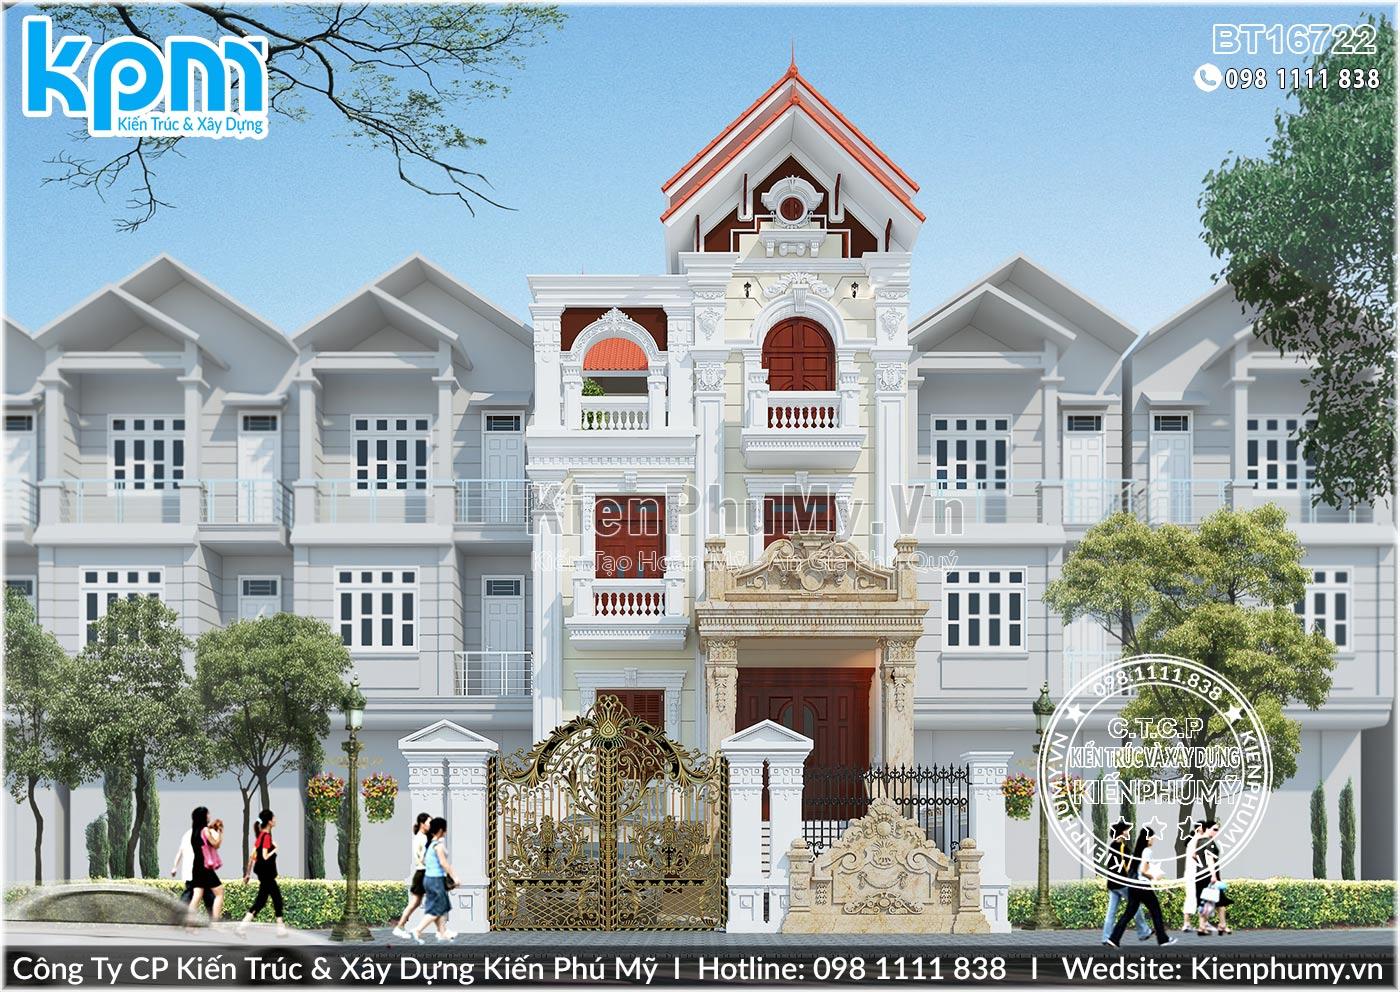 Biệt thự 4 tầng mặt tiền 7m đẹp đẳng cấp với kiến trúc tân cổ điển